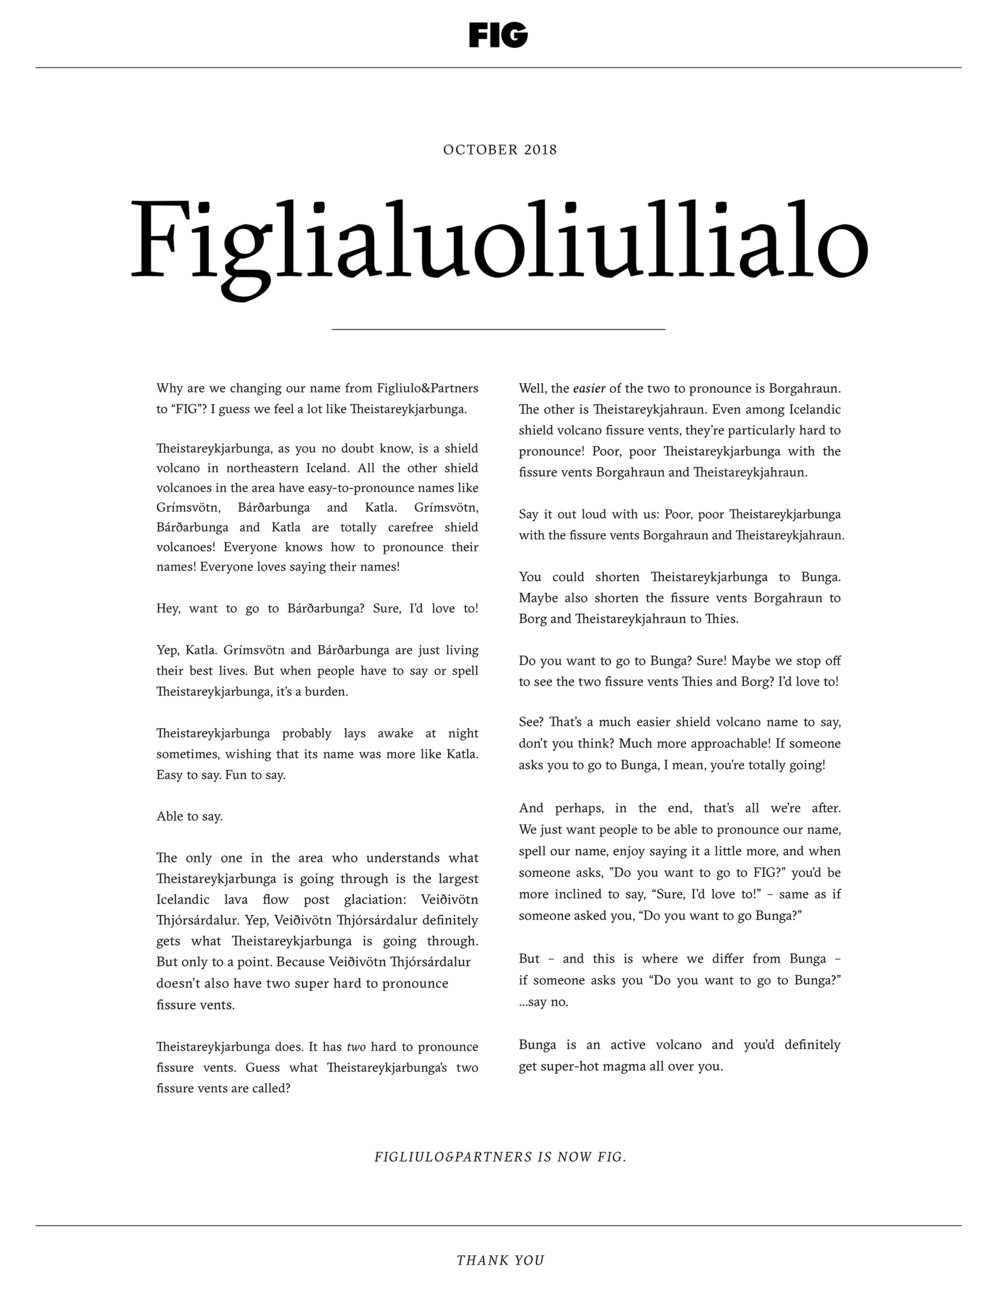 FigAd_small.jpg